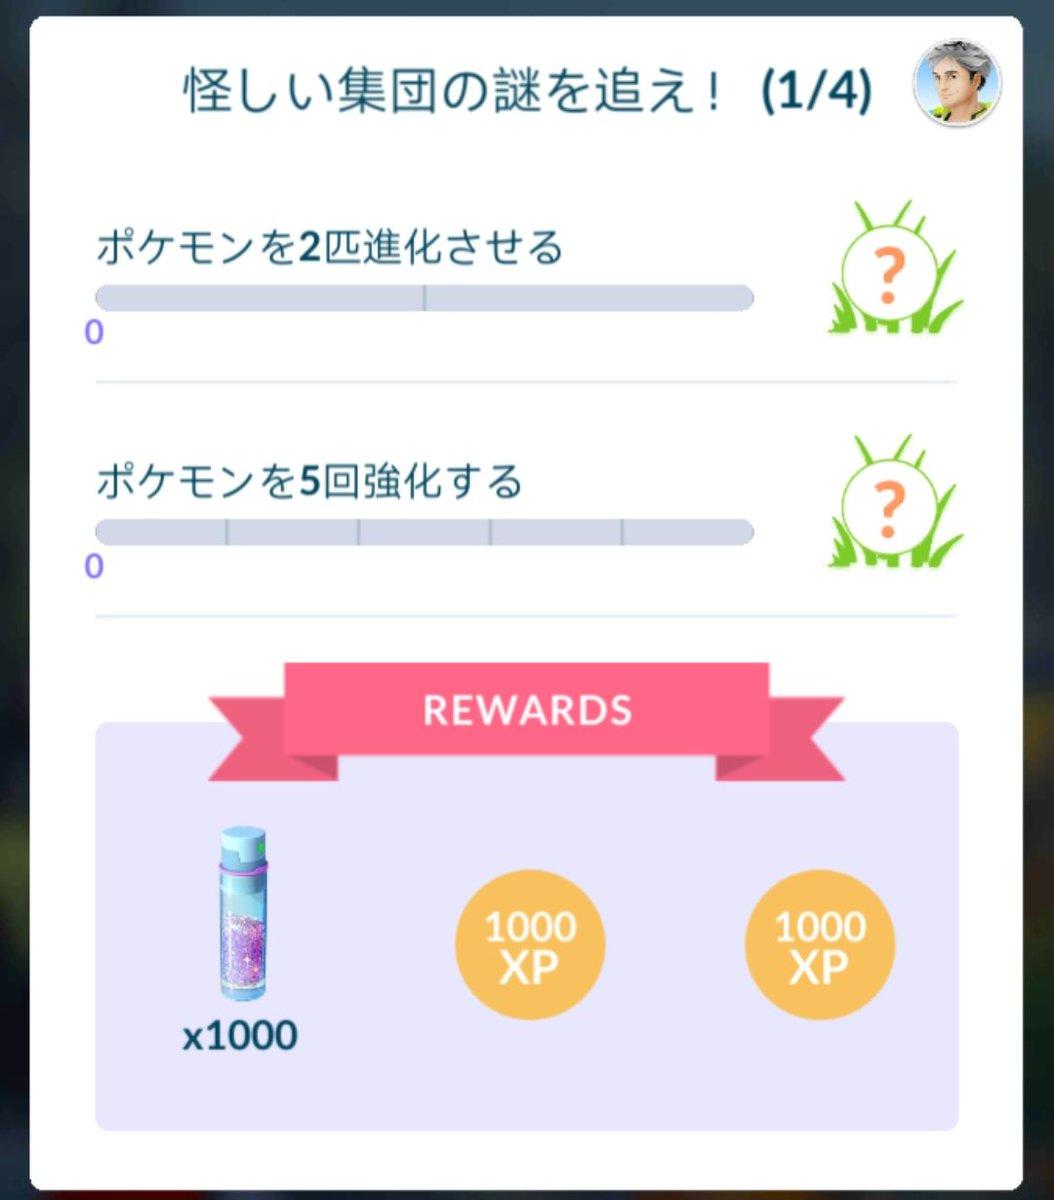 ポケモン go ロケット 団 タスク